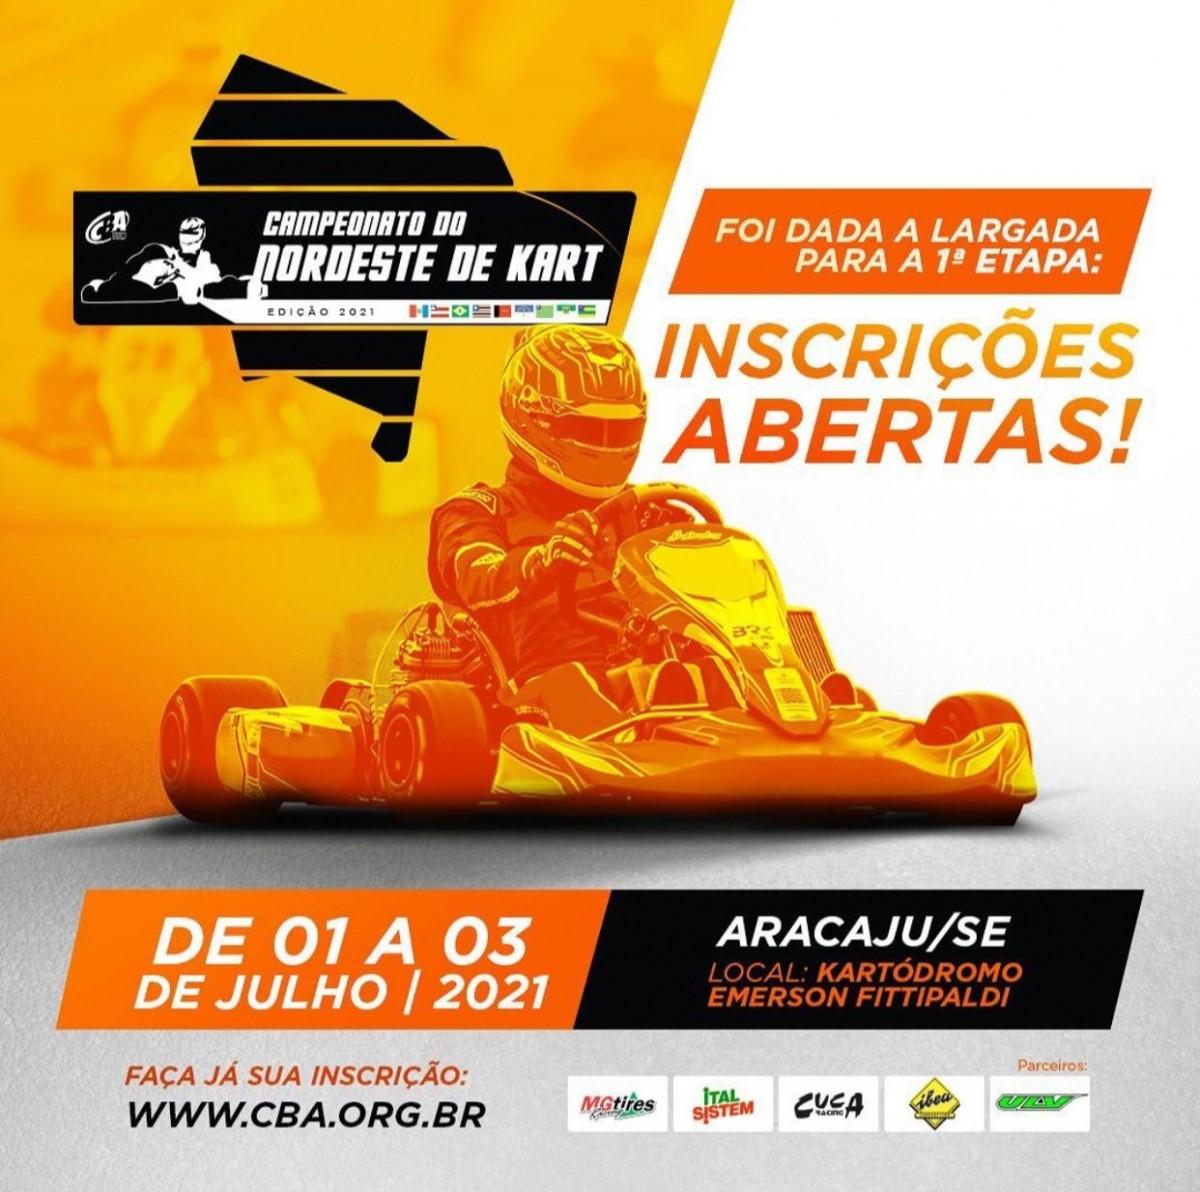 Campeonato do Nordeste de Kart: inscrições para a 1ª etapa em Aracaju superam expectativas (Imagem: Assessoria de Comunicação da CBA | Kart)